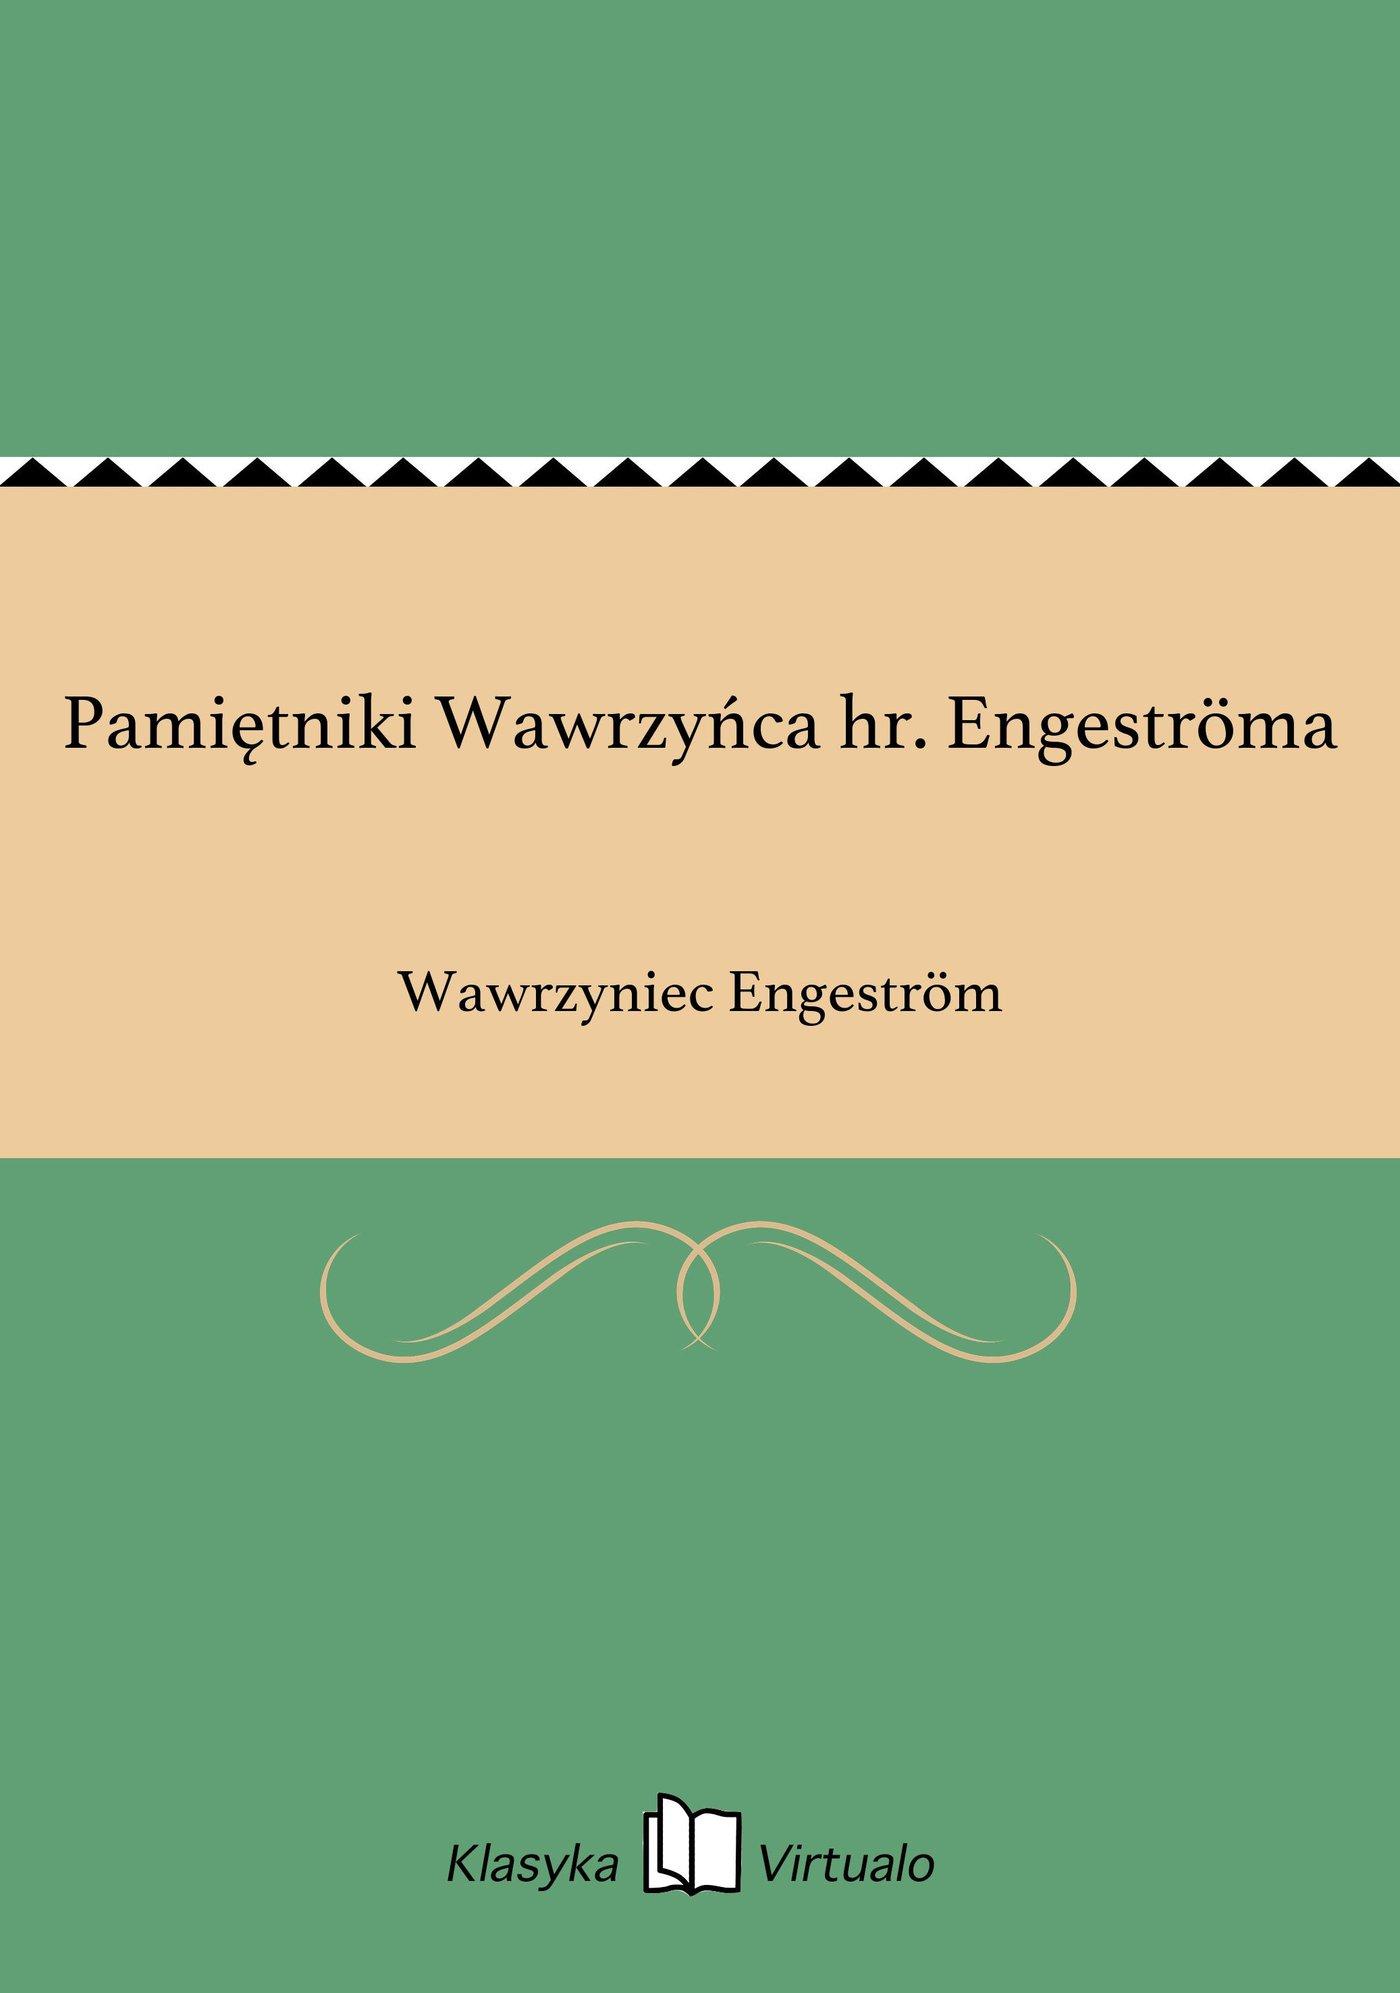 Pamiętniki Wawrzyńca hr. Engeströma - Ebook (Książka EPUB) do pobrania w formacie EPUB